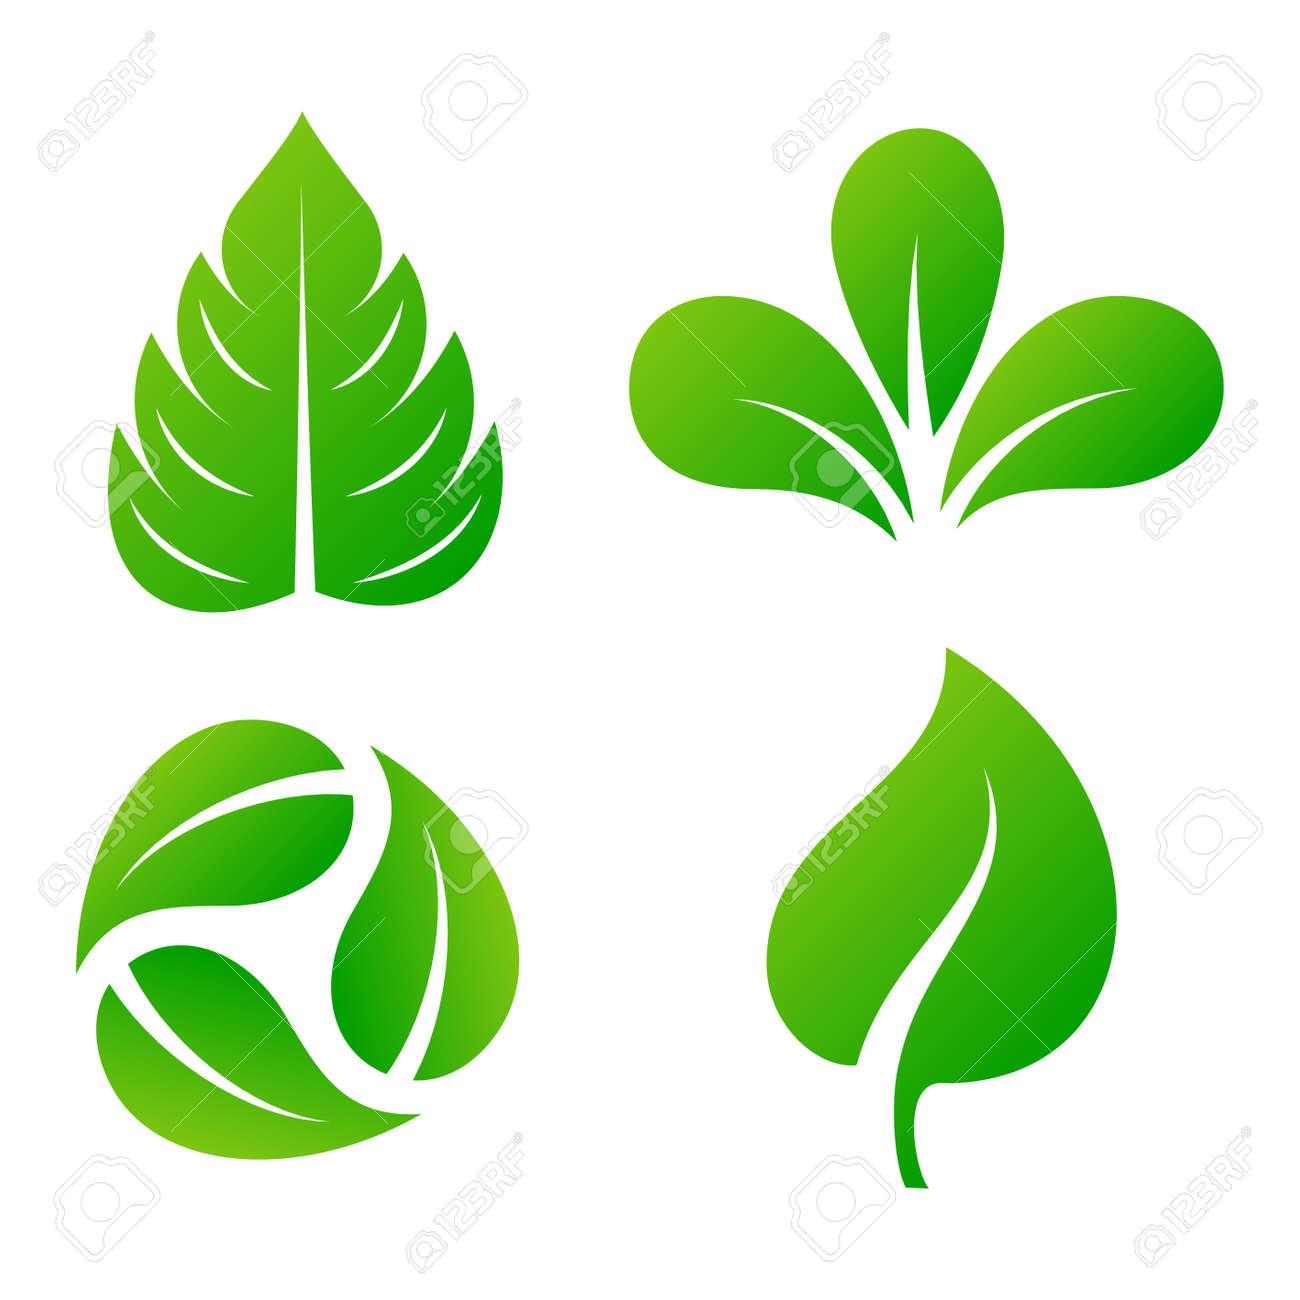 green leaf eco design element icon leaf icon vector illustration rh 123rf com leave vectors leaf vector image